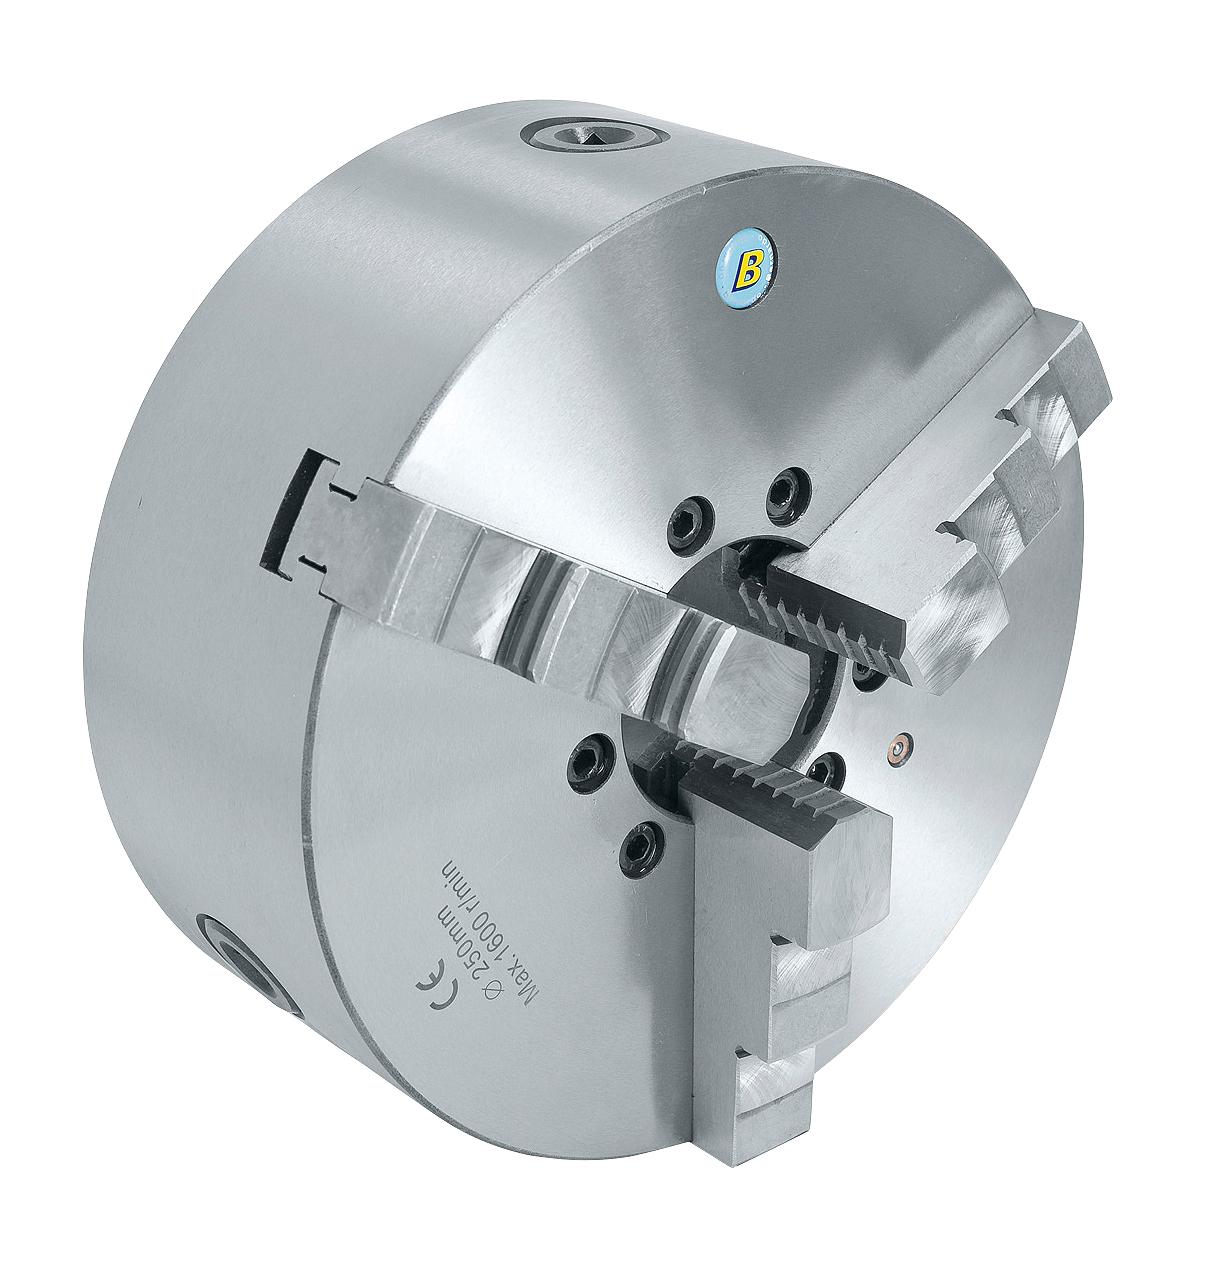 Uchwyt tokarski 3-szczękowy, precyzyjny, żeliwny, DK11-630 DIN 6350  BERNARDO